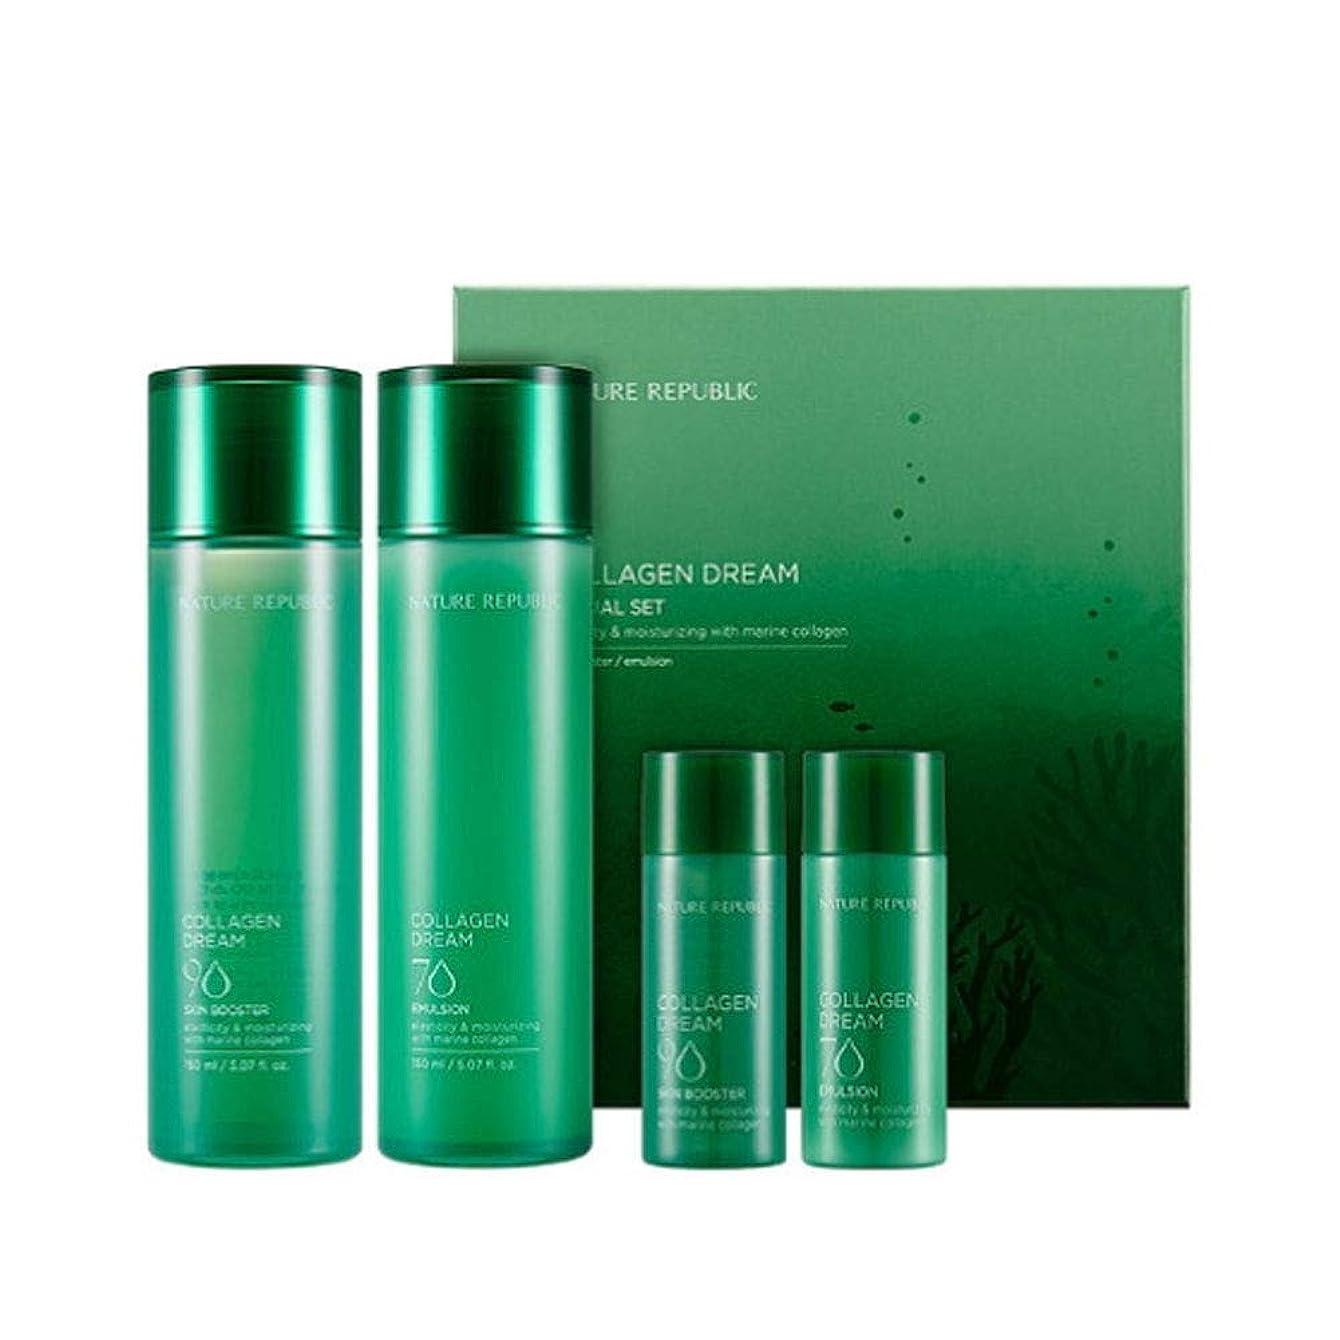 針第二に見えるネイチャーリパブリックコラーゲンドリームスキンブースターエマルジョンセットシワ改善韓国コスメ、Nature Republic Collagen Dream Skin Booster Emulsion Set Korean Cosmetics [並行輸入品]